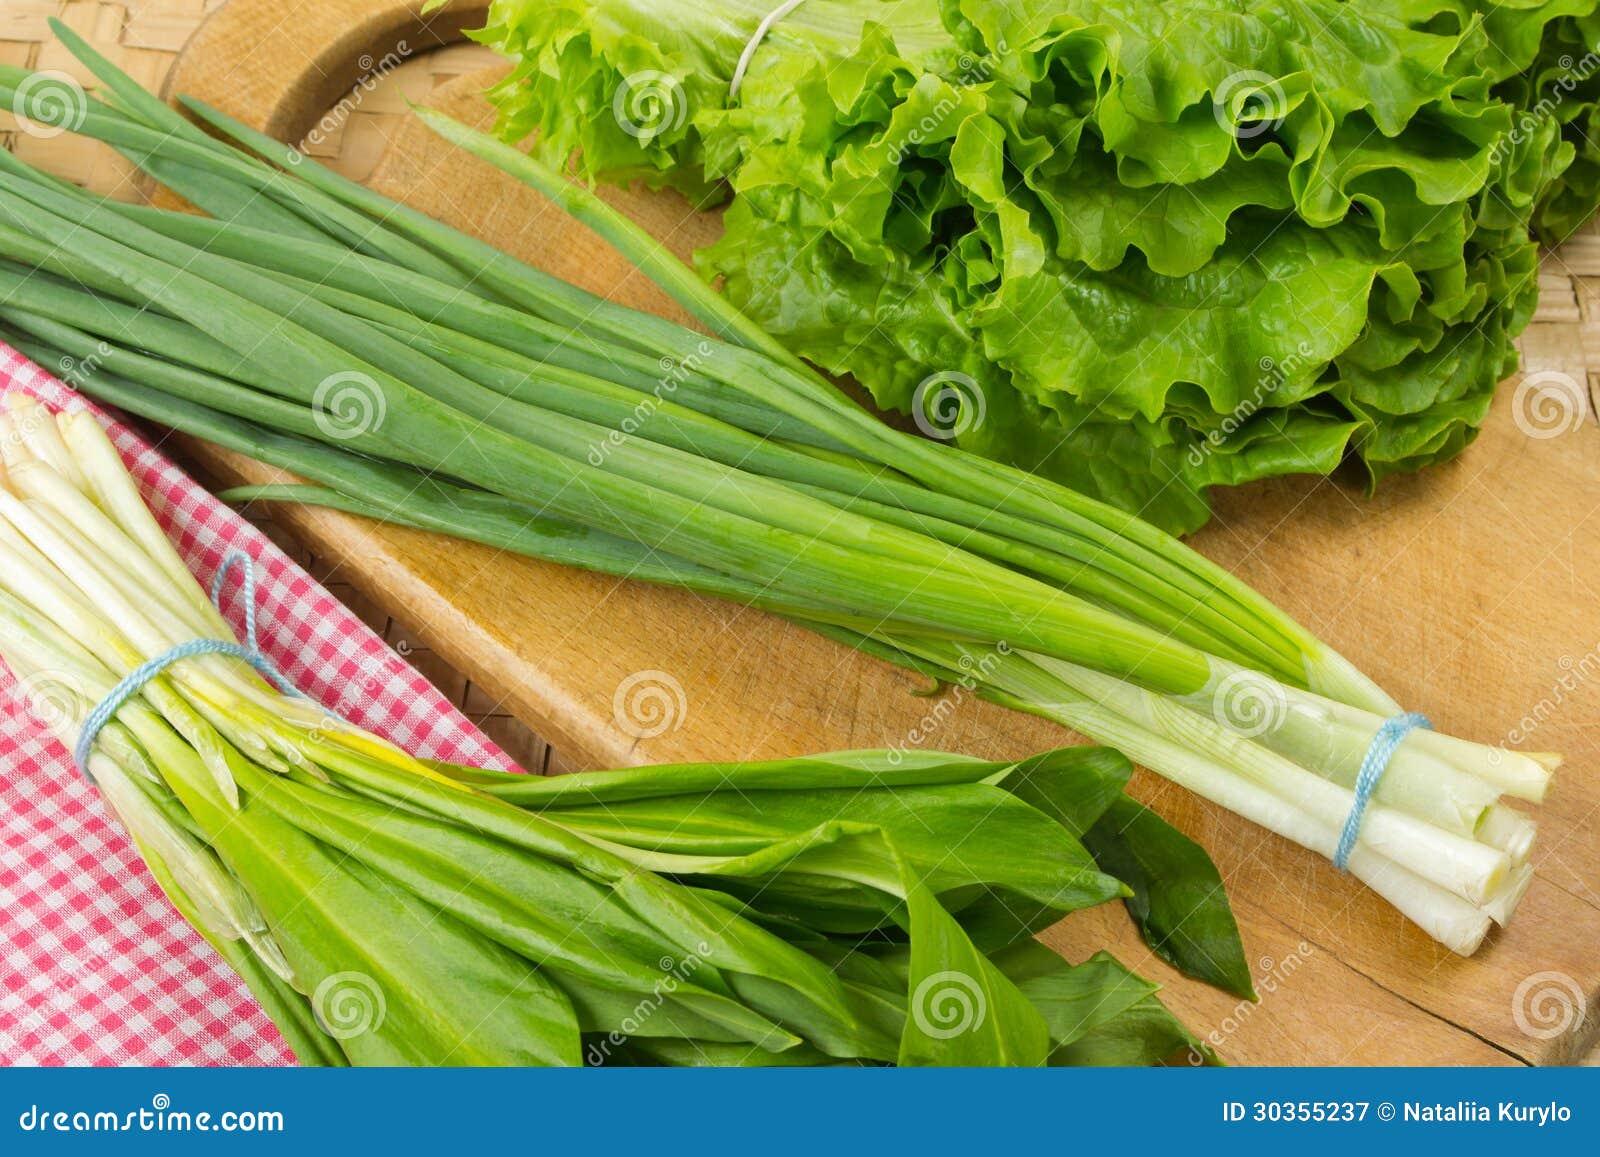 Green onion, wild leek, lettuce